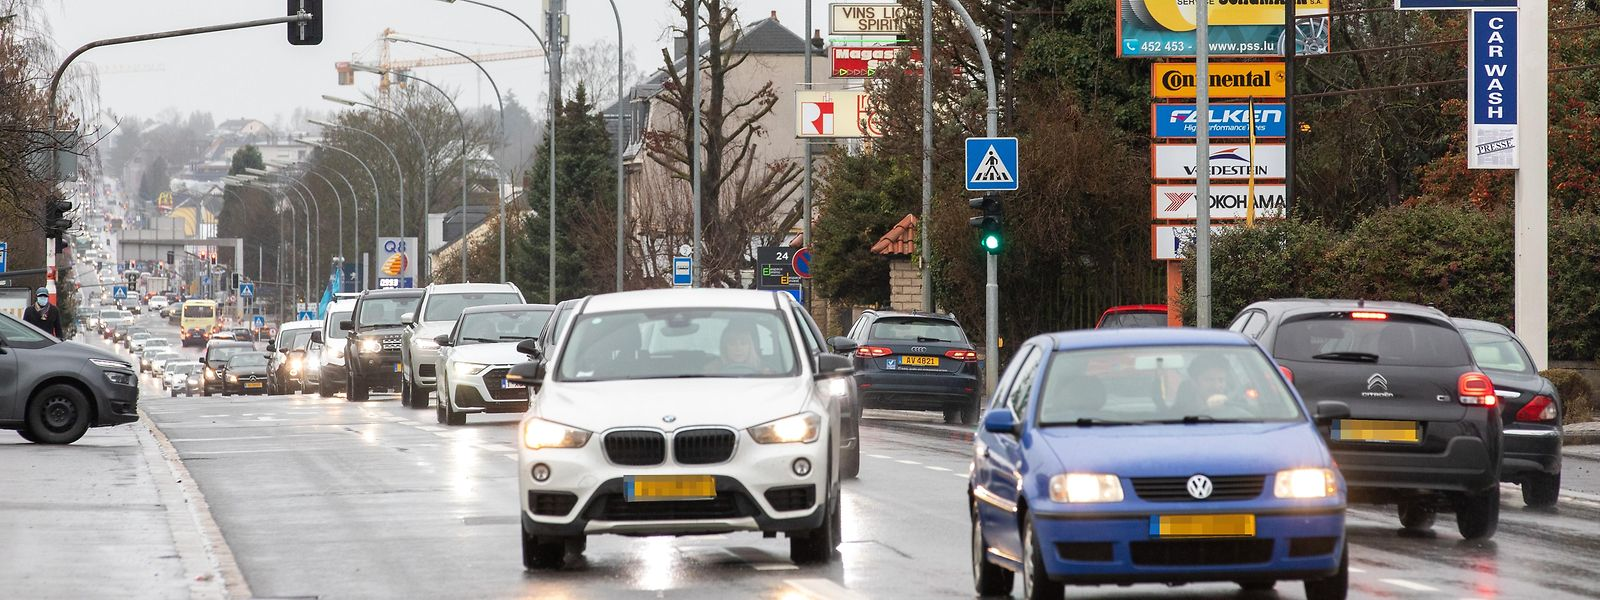 Die Route d'Arlon teilt die Ortschaft Strassen in zwei Hälften, was der Schaffung eines Dorfkerns nicht gerade förderlich ist.